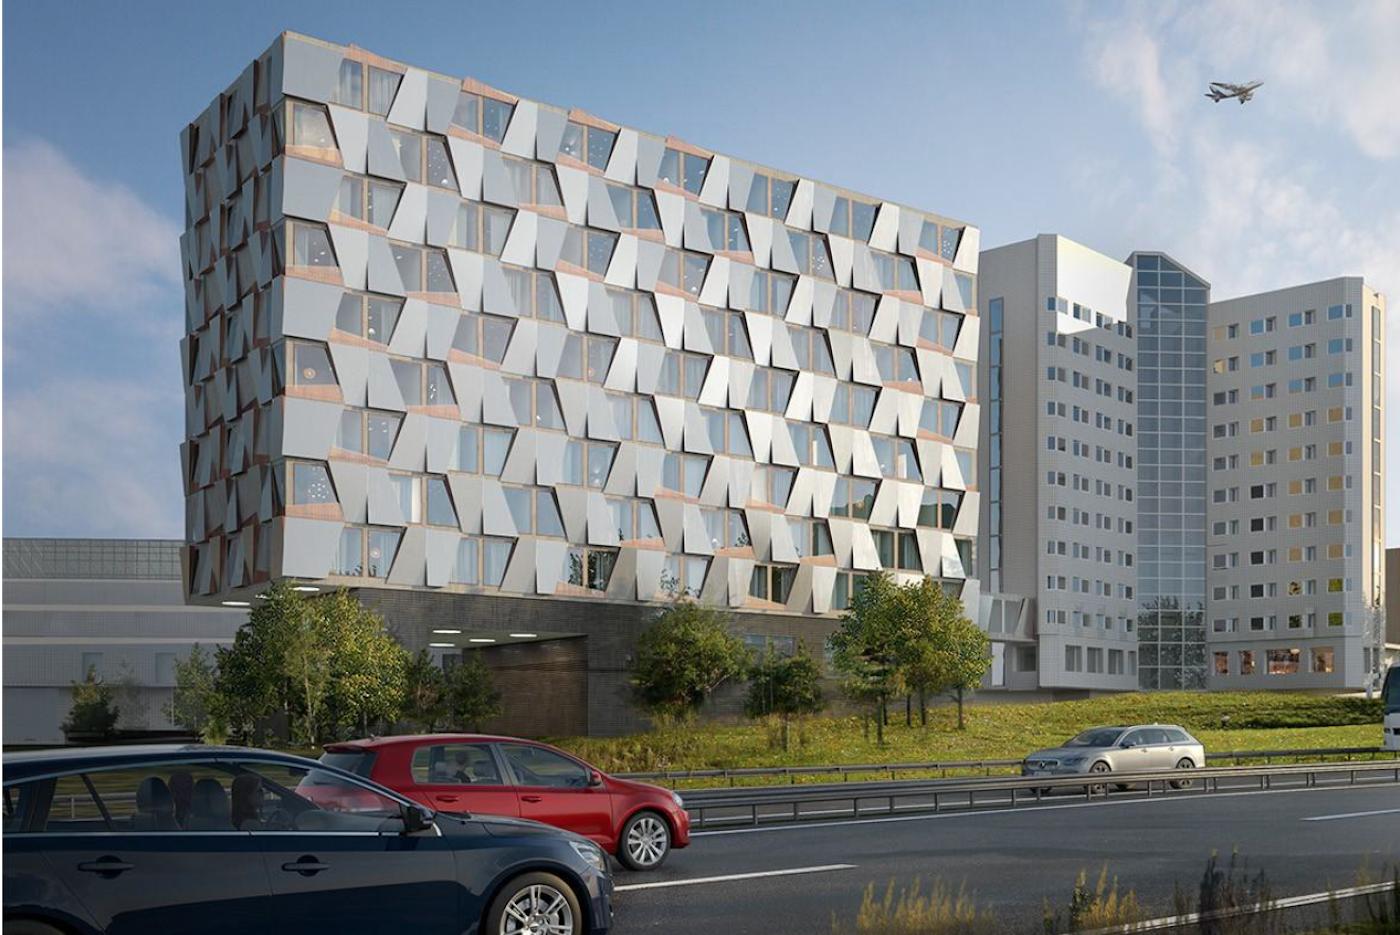 Arkitektbild av hur nya Quality Hotel Arlanda XPO ska se ut när modulmontaget av hotellmodulerna och hela den övriga byggnation är färdigt sommaren 2020.